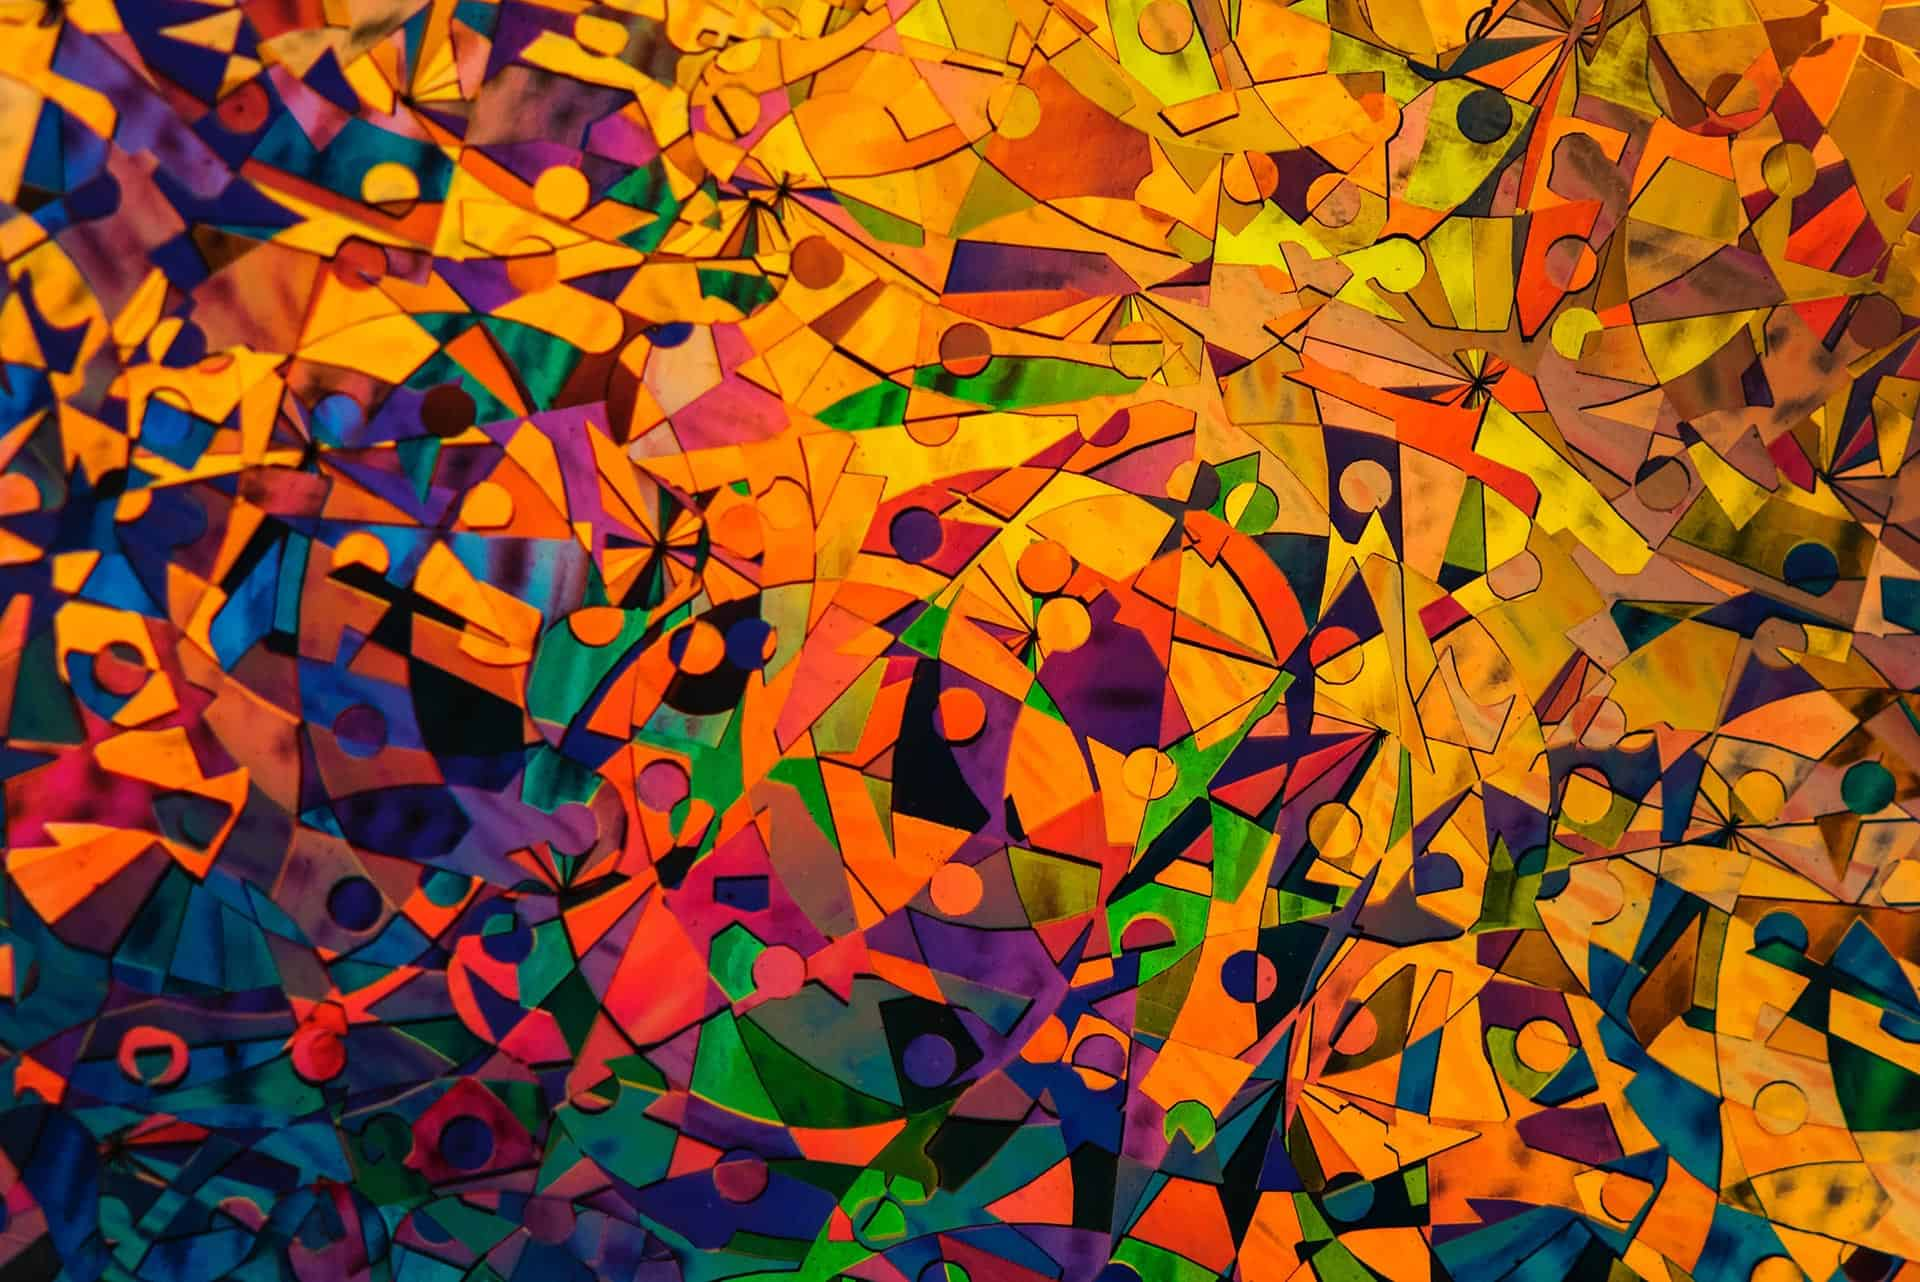 Χρωματιστές φιγούρες ανθρώπων σε αφηρημένο σχέδιο